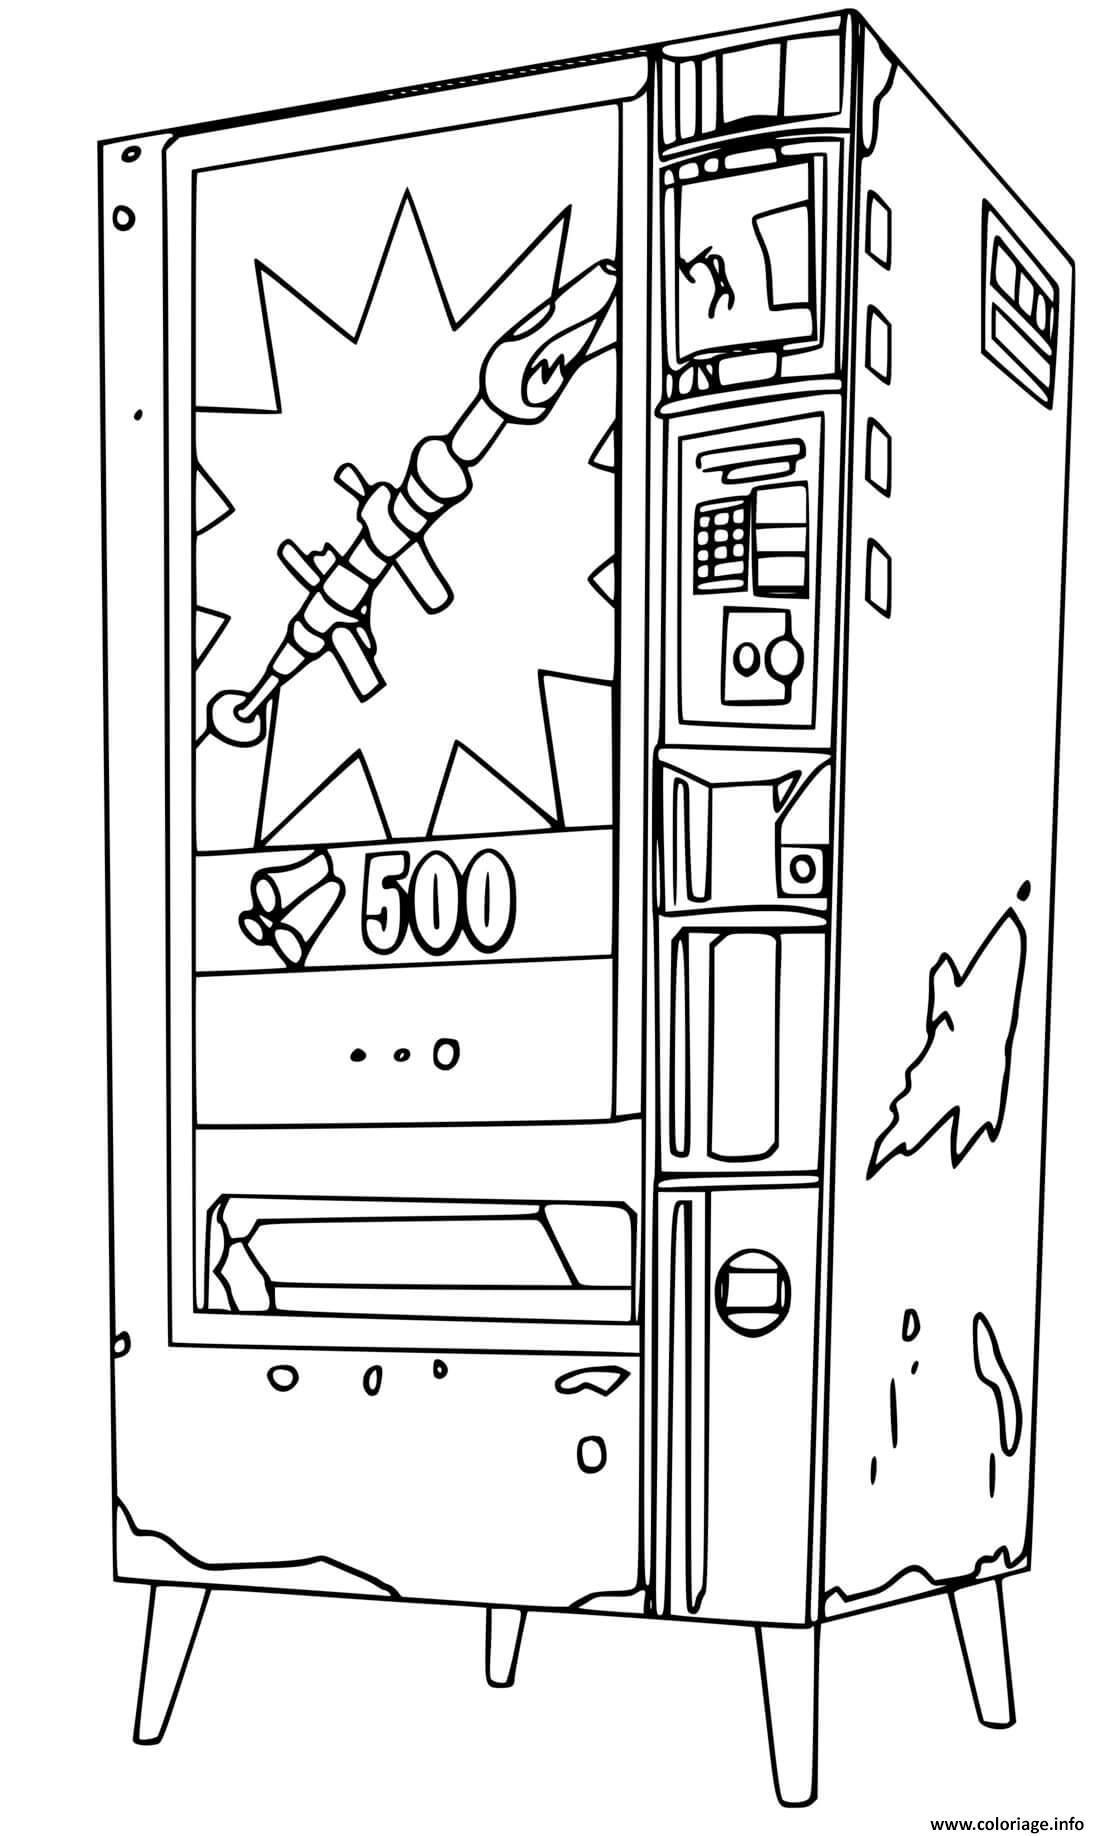 Dessin fortnite machine distributrice automatique Coloriage Gratuit à Imprimer